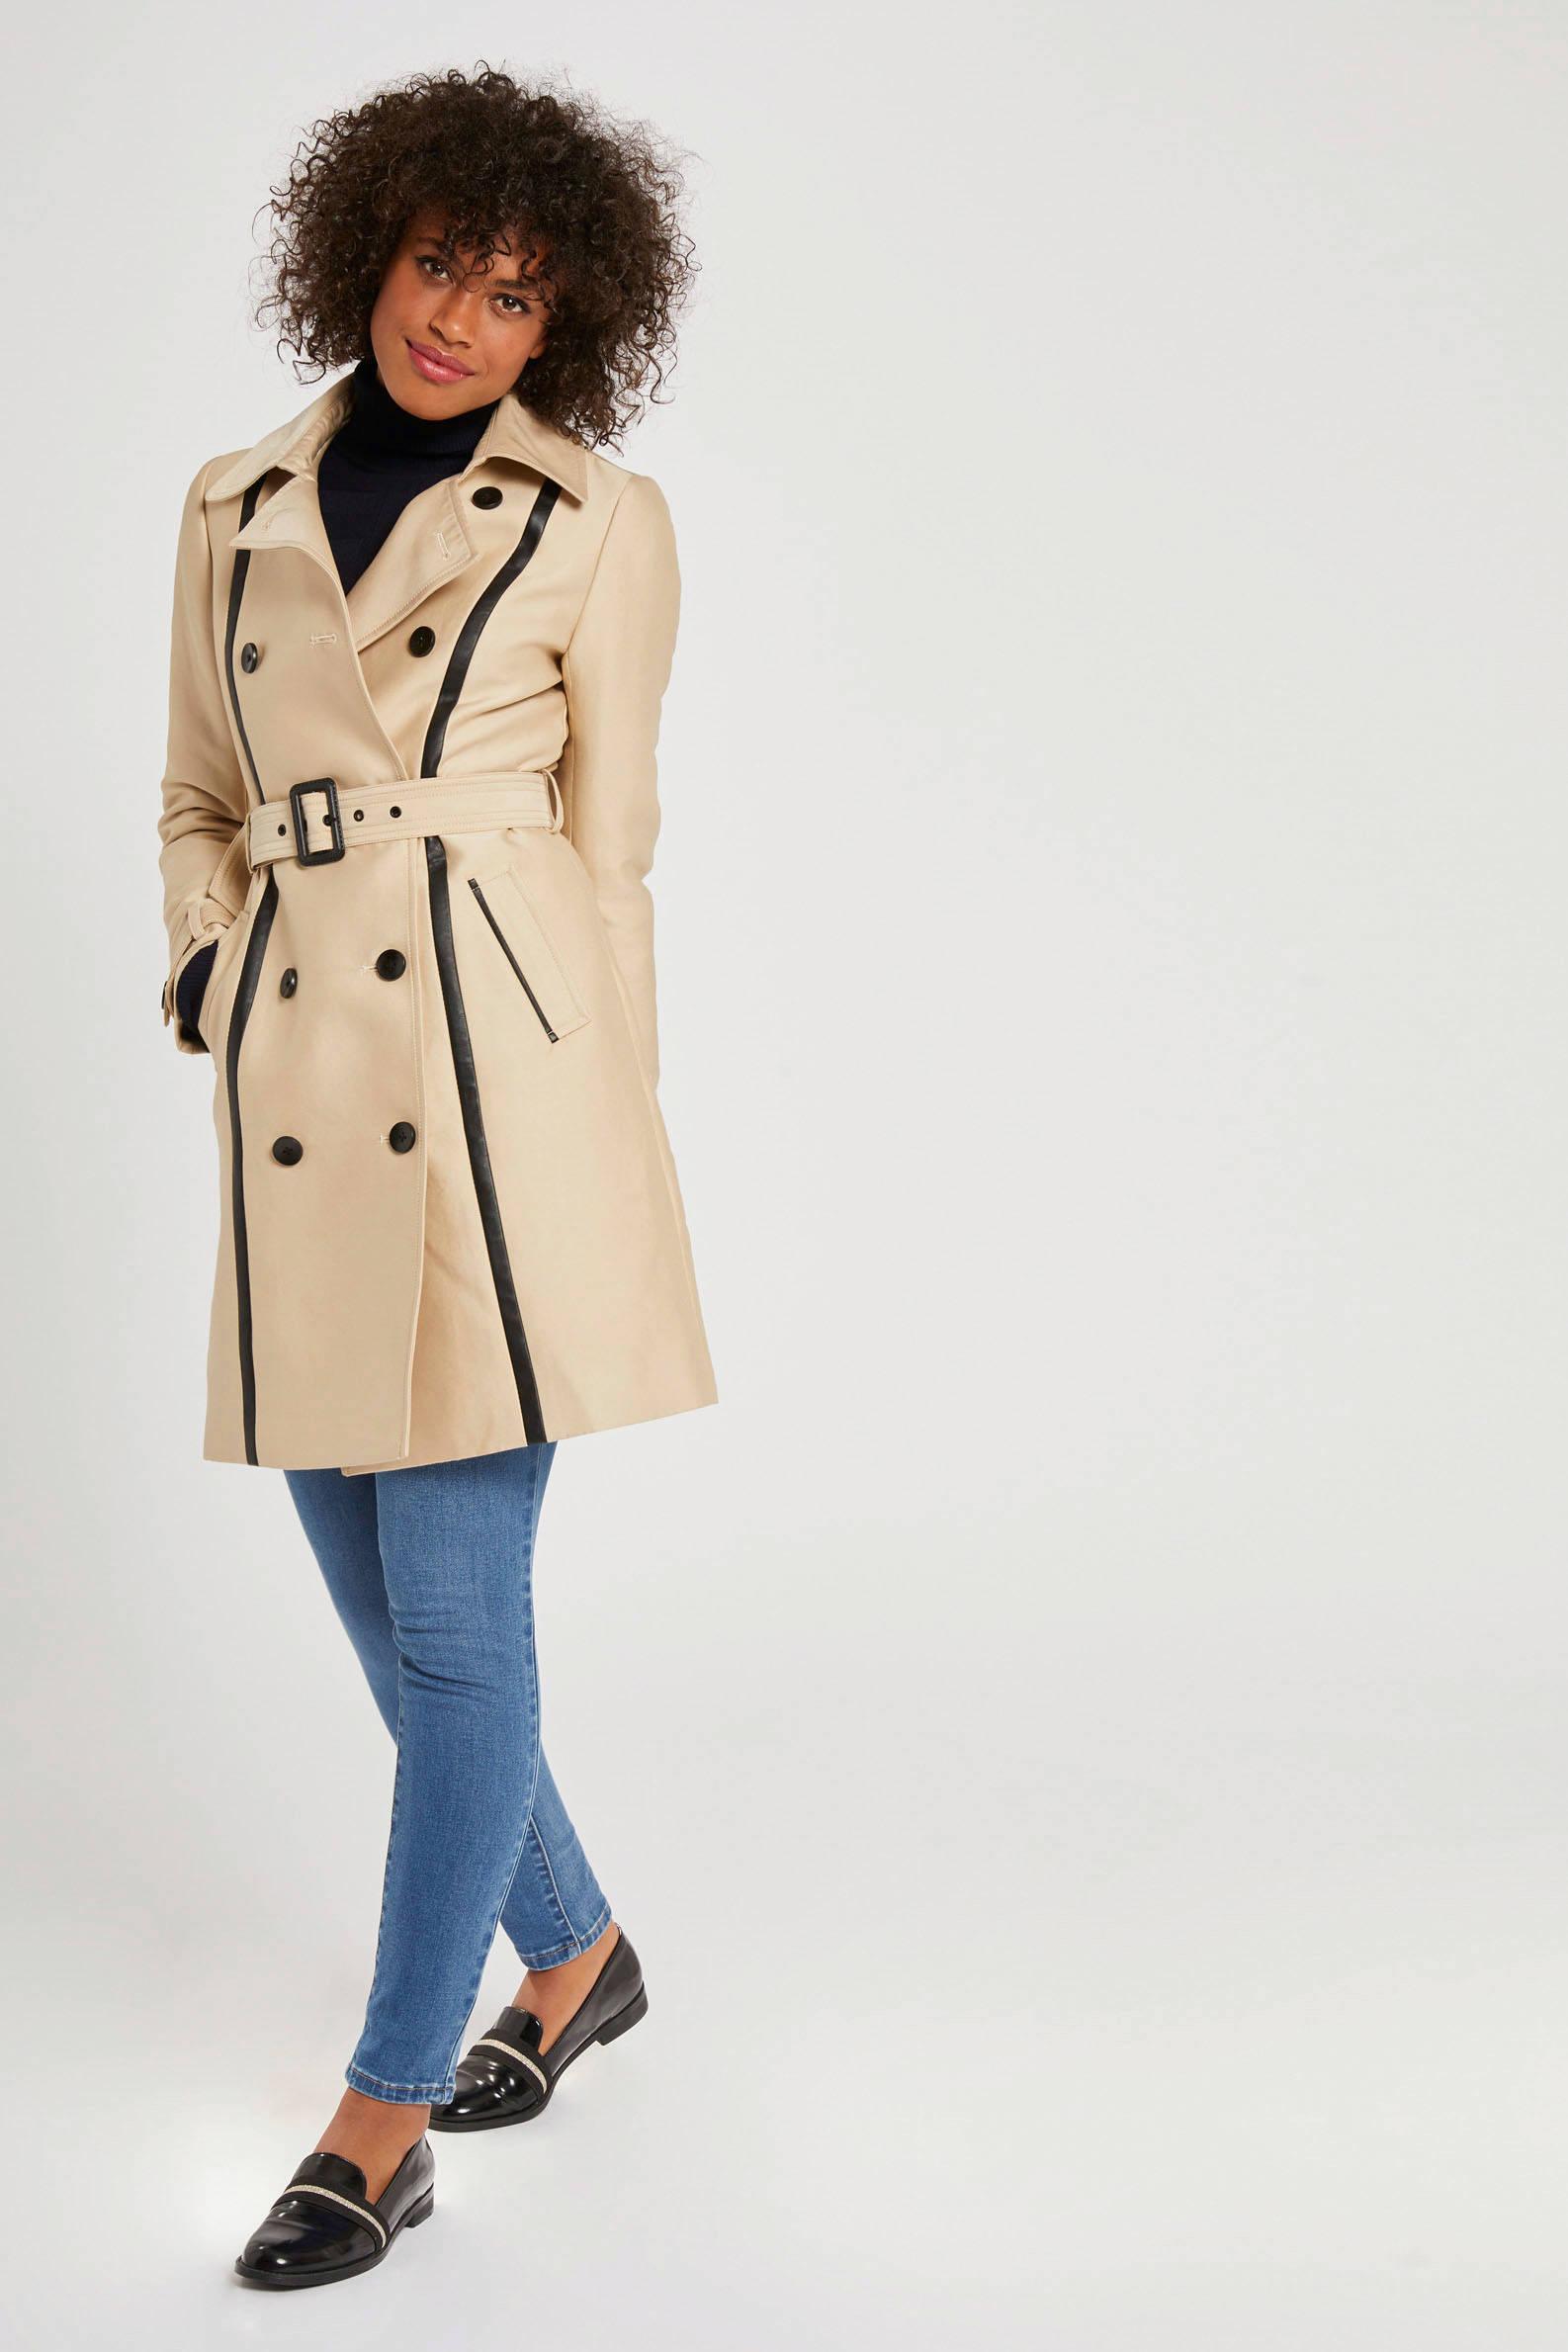 Sale: jassen voor dames kopen Vind jouw Sale: jassen voor